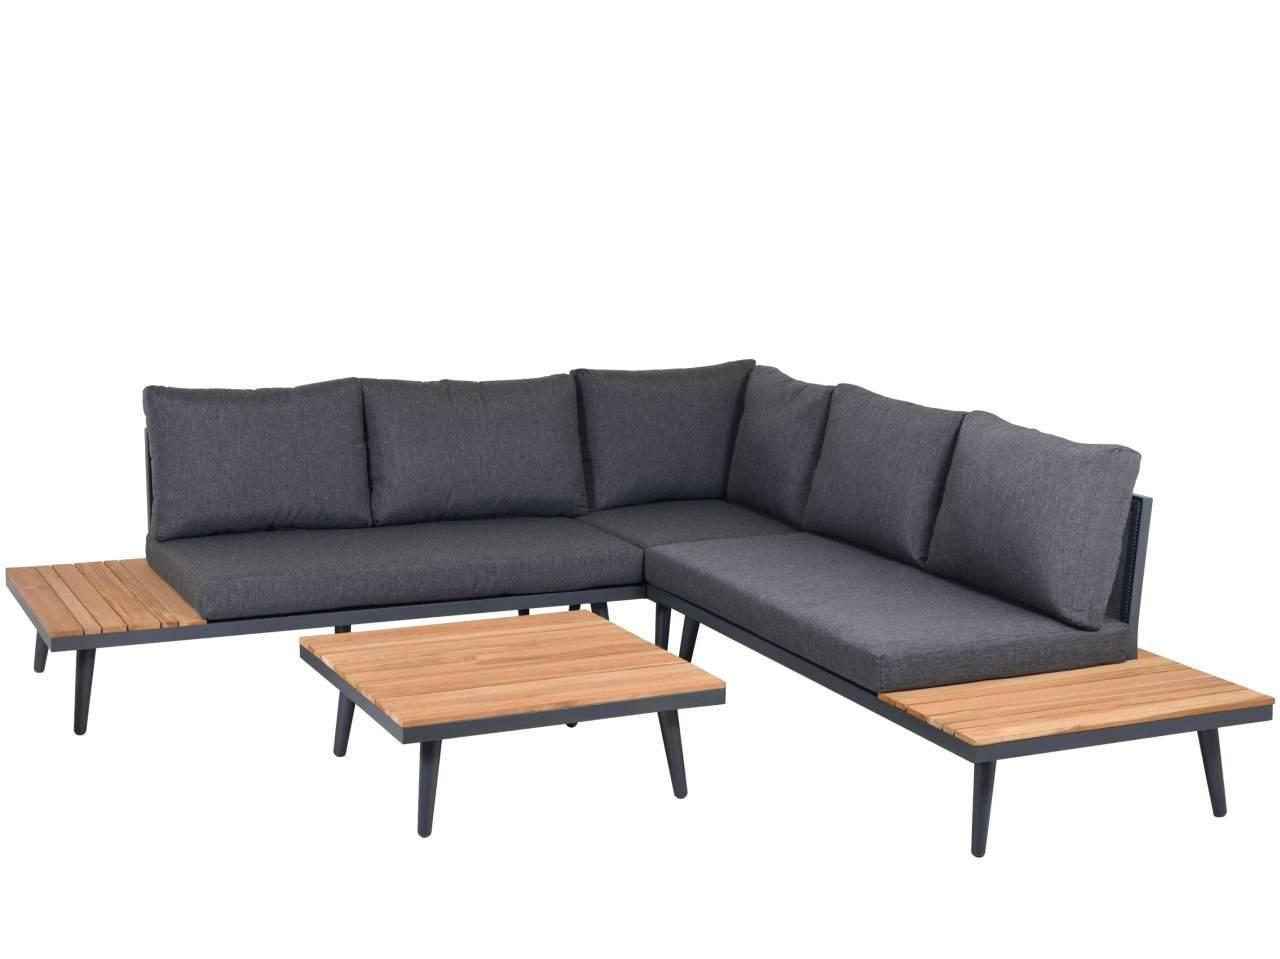 Full Size of Paravent Outdoor Ikea 28 Einzigartig Garten Frisch Anlegen Küche Kosten Edelstahl Kaufen Betten Bei Miniküche 160x200 Modulküche Sofa Mit Schlaffunktion Wohnzimmer Paravent Outdoor Ikea